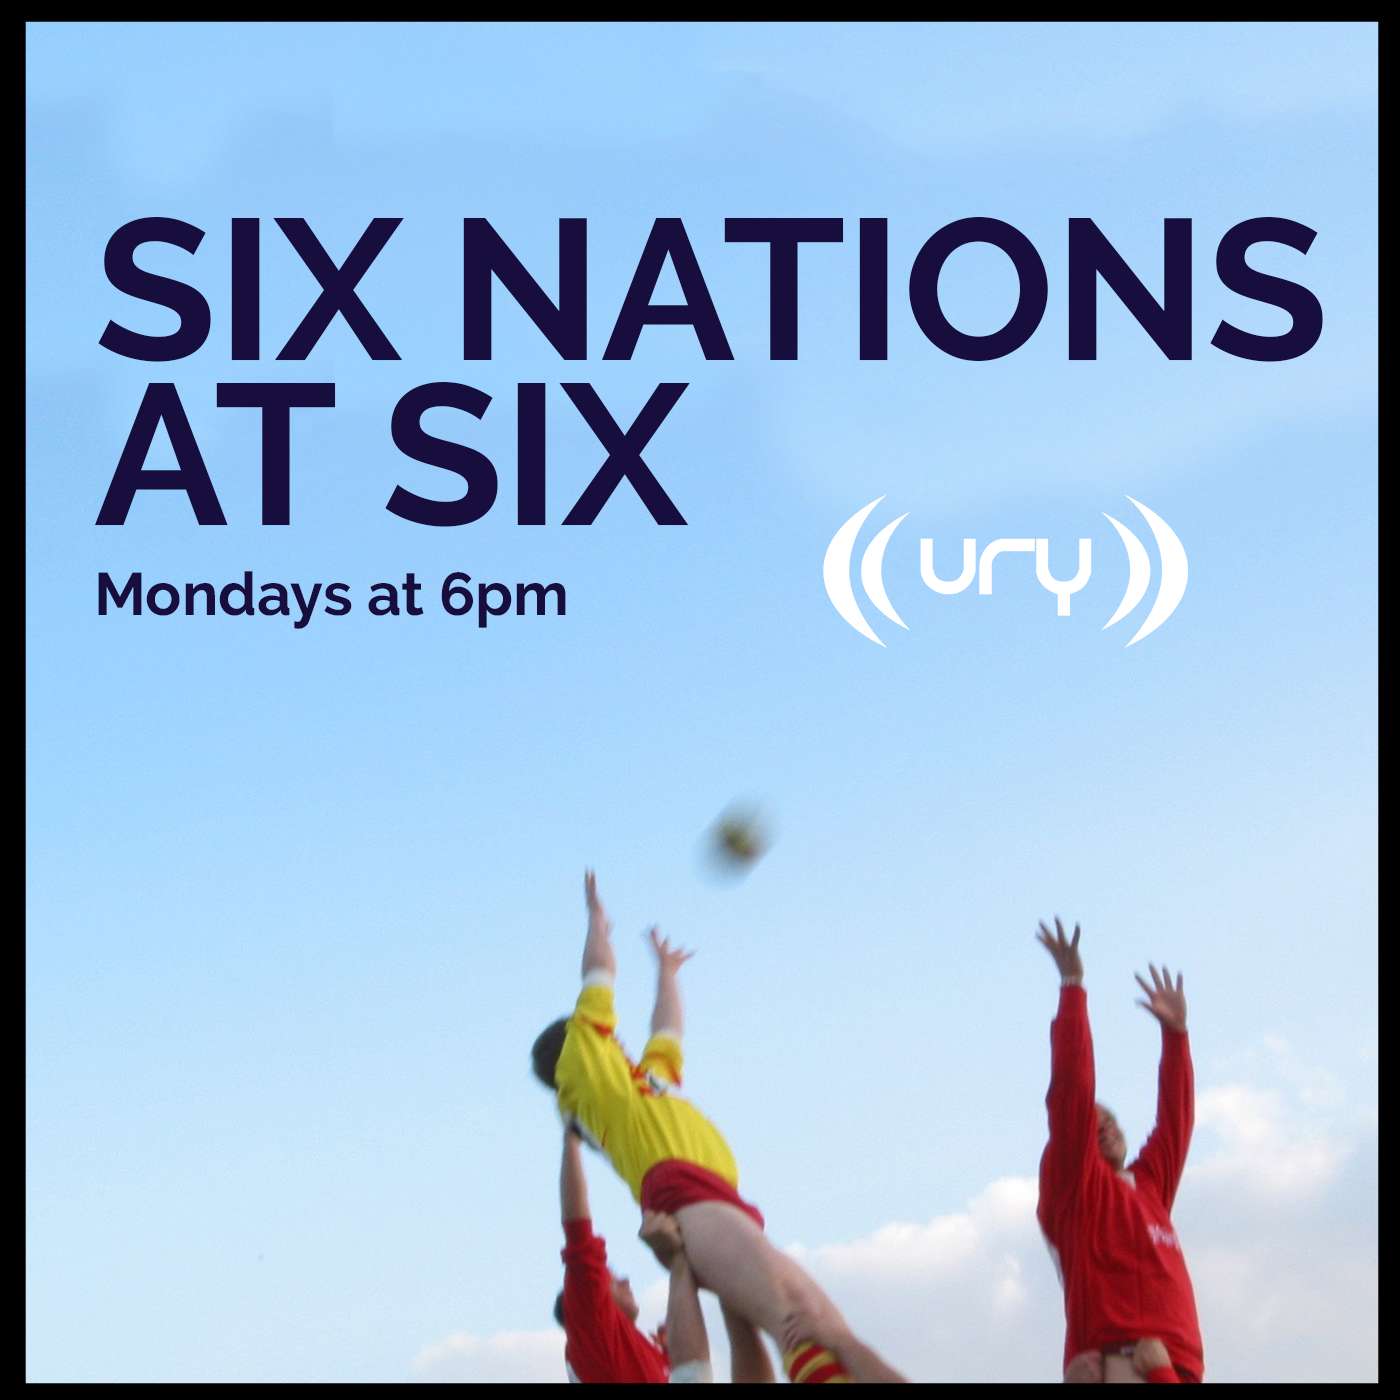 Six Nations at Six logo.